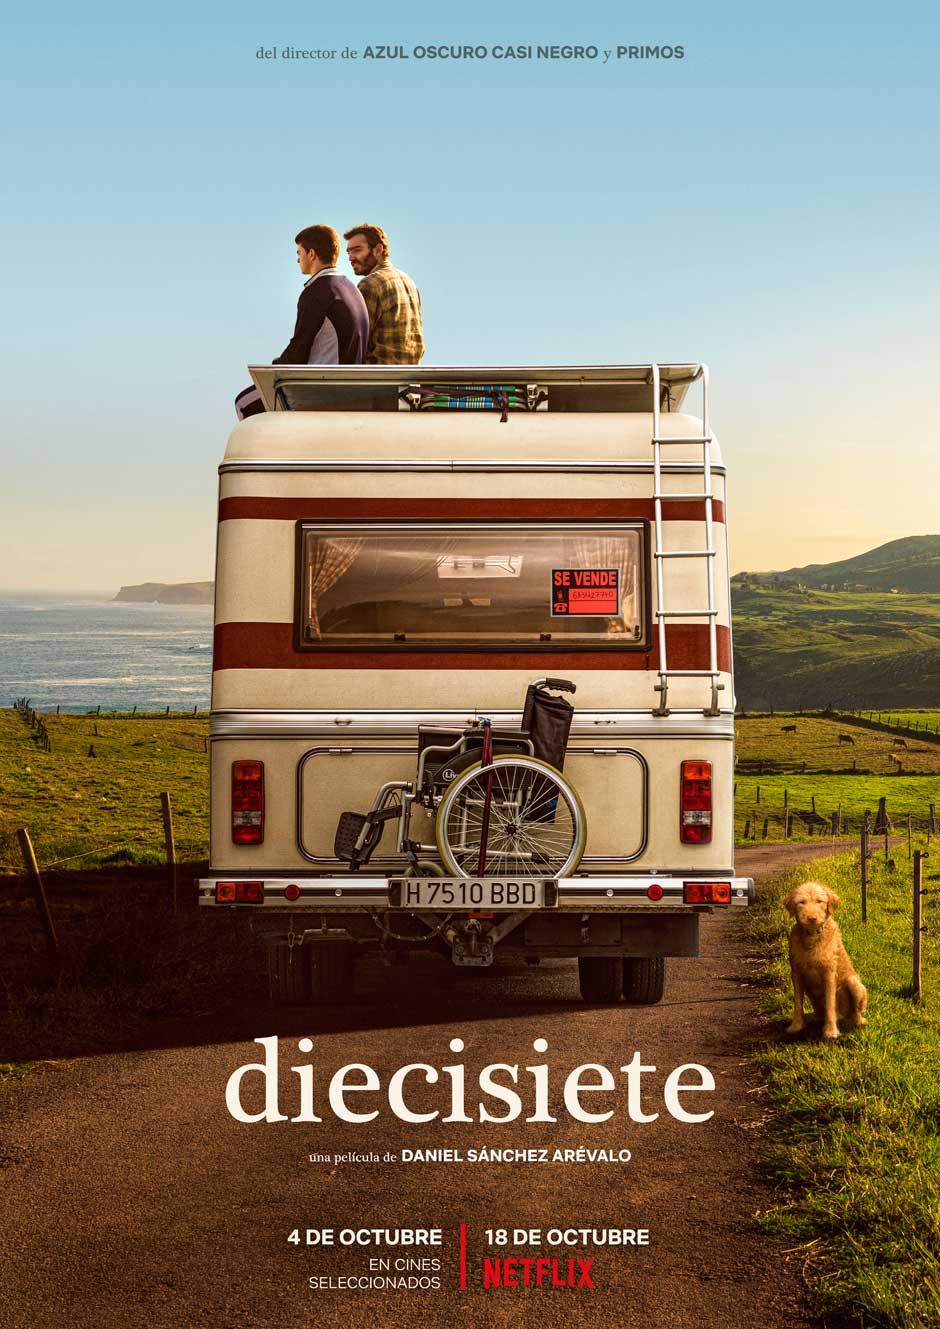 Netflix estrena Diecisiete, la quinta película de Daniel Sánchez Arévalo. Un viaje por Cantabria que servirá a sus protagonistas a madurar, amar, enfrentar la muerte e ilusionarse por la vida.